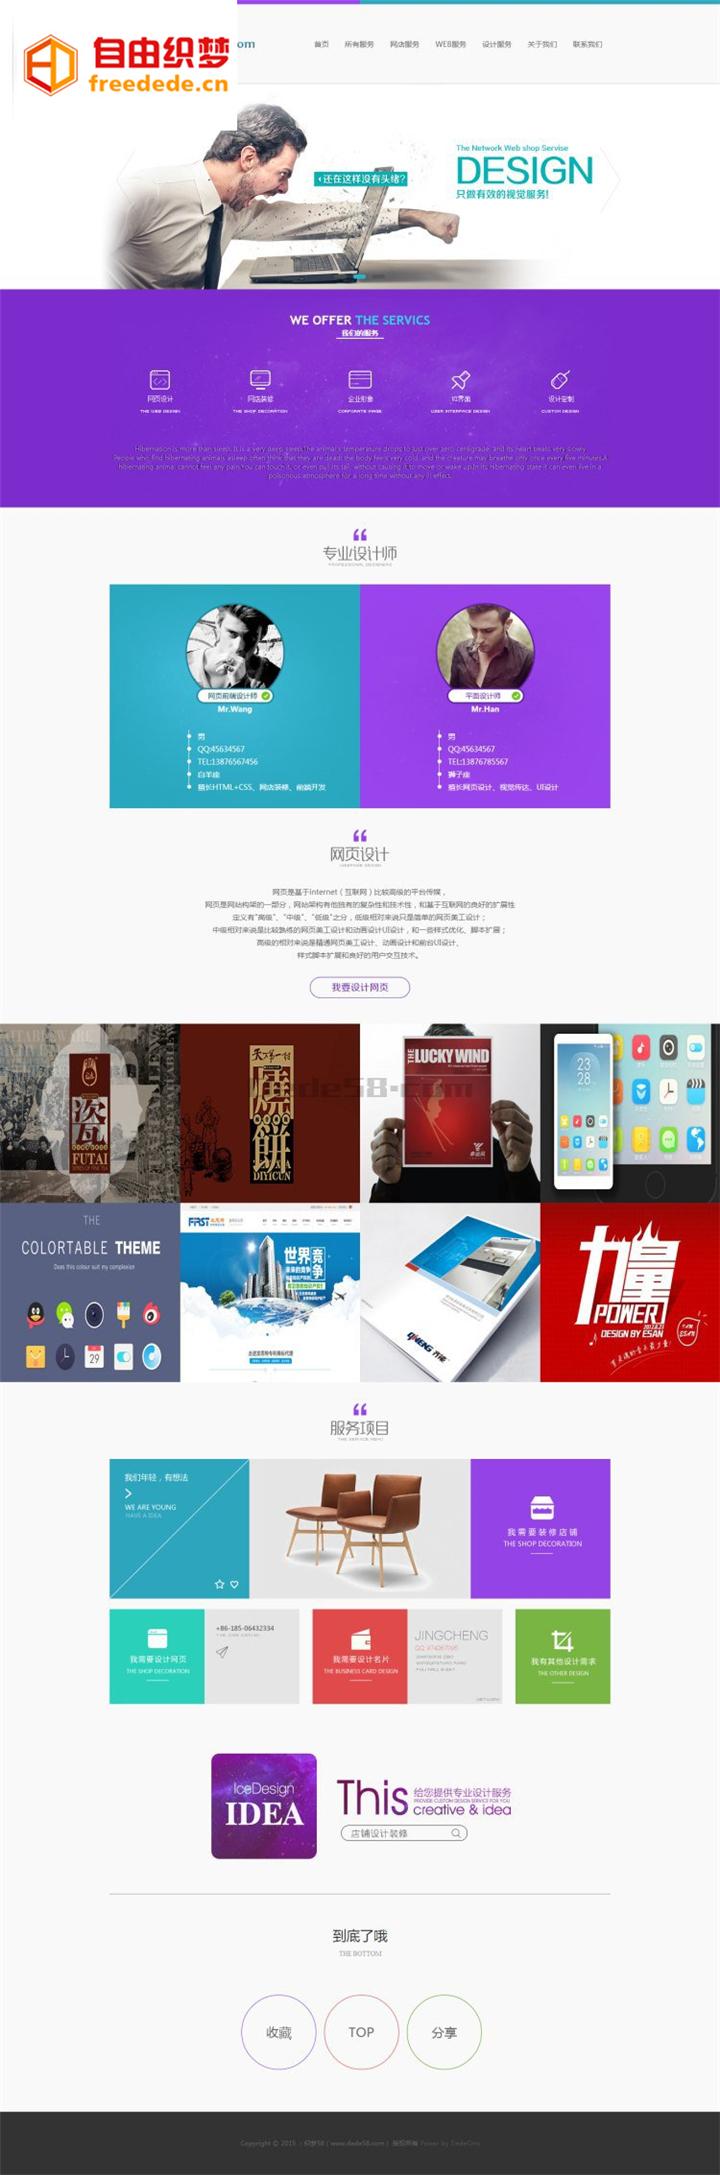 爱上源码网文章html5设计高端IT企业建站类企业织梦网站模板营销型整站源码下载的内容插图